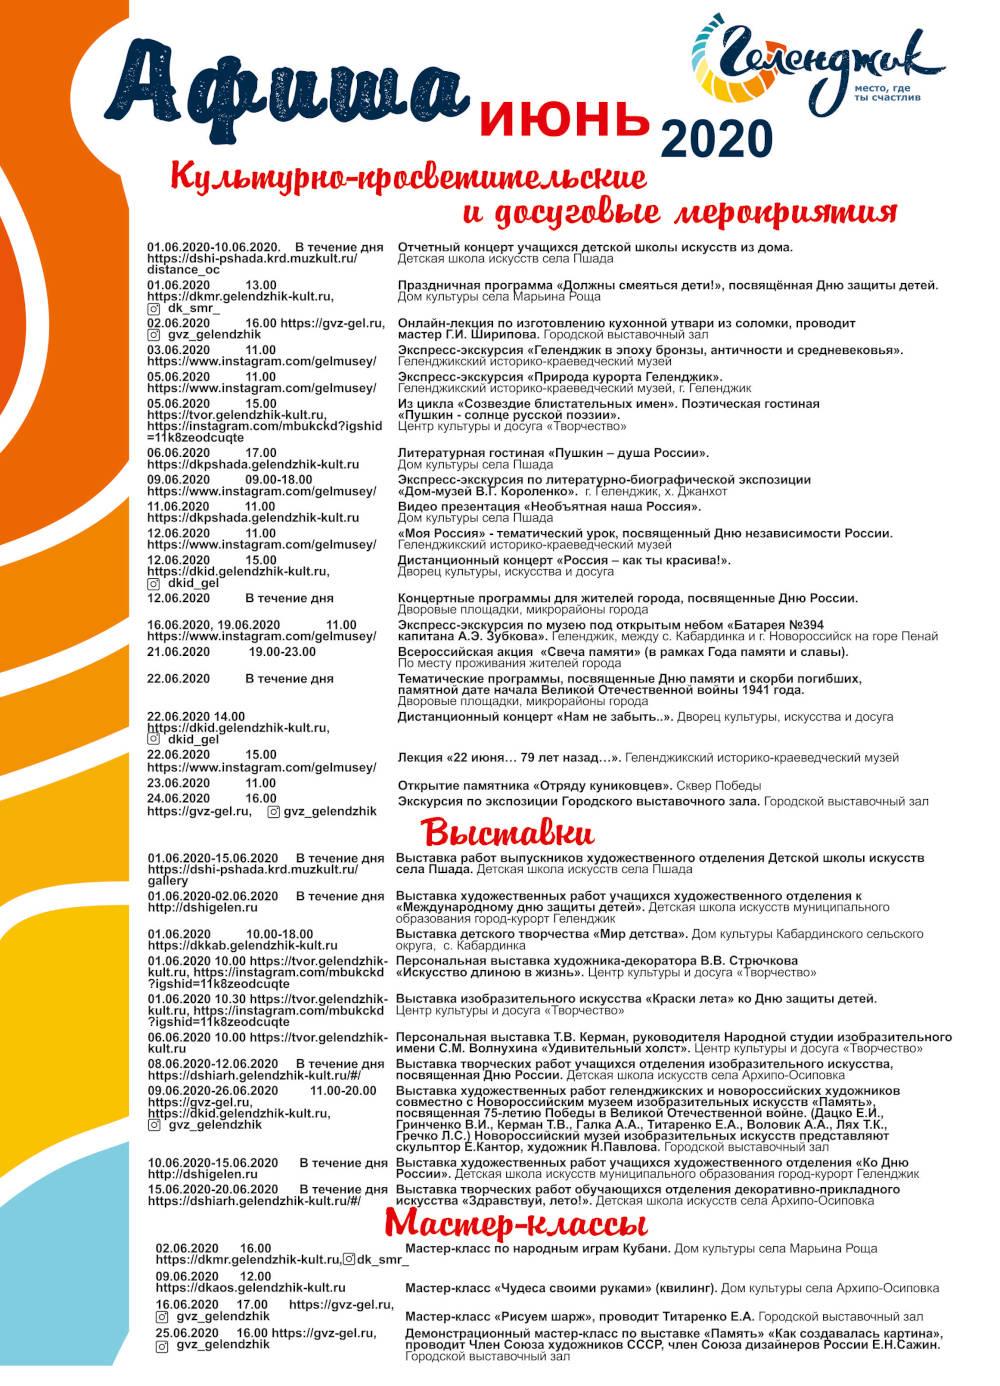 Мероприятия в Геленджике - Афиша на июнь 2020